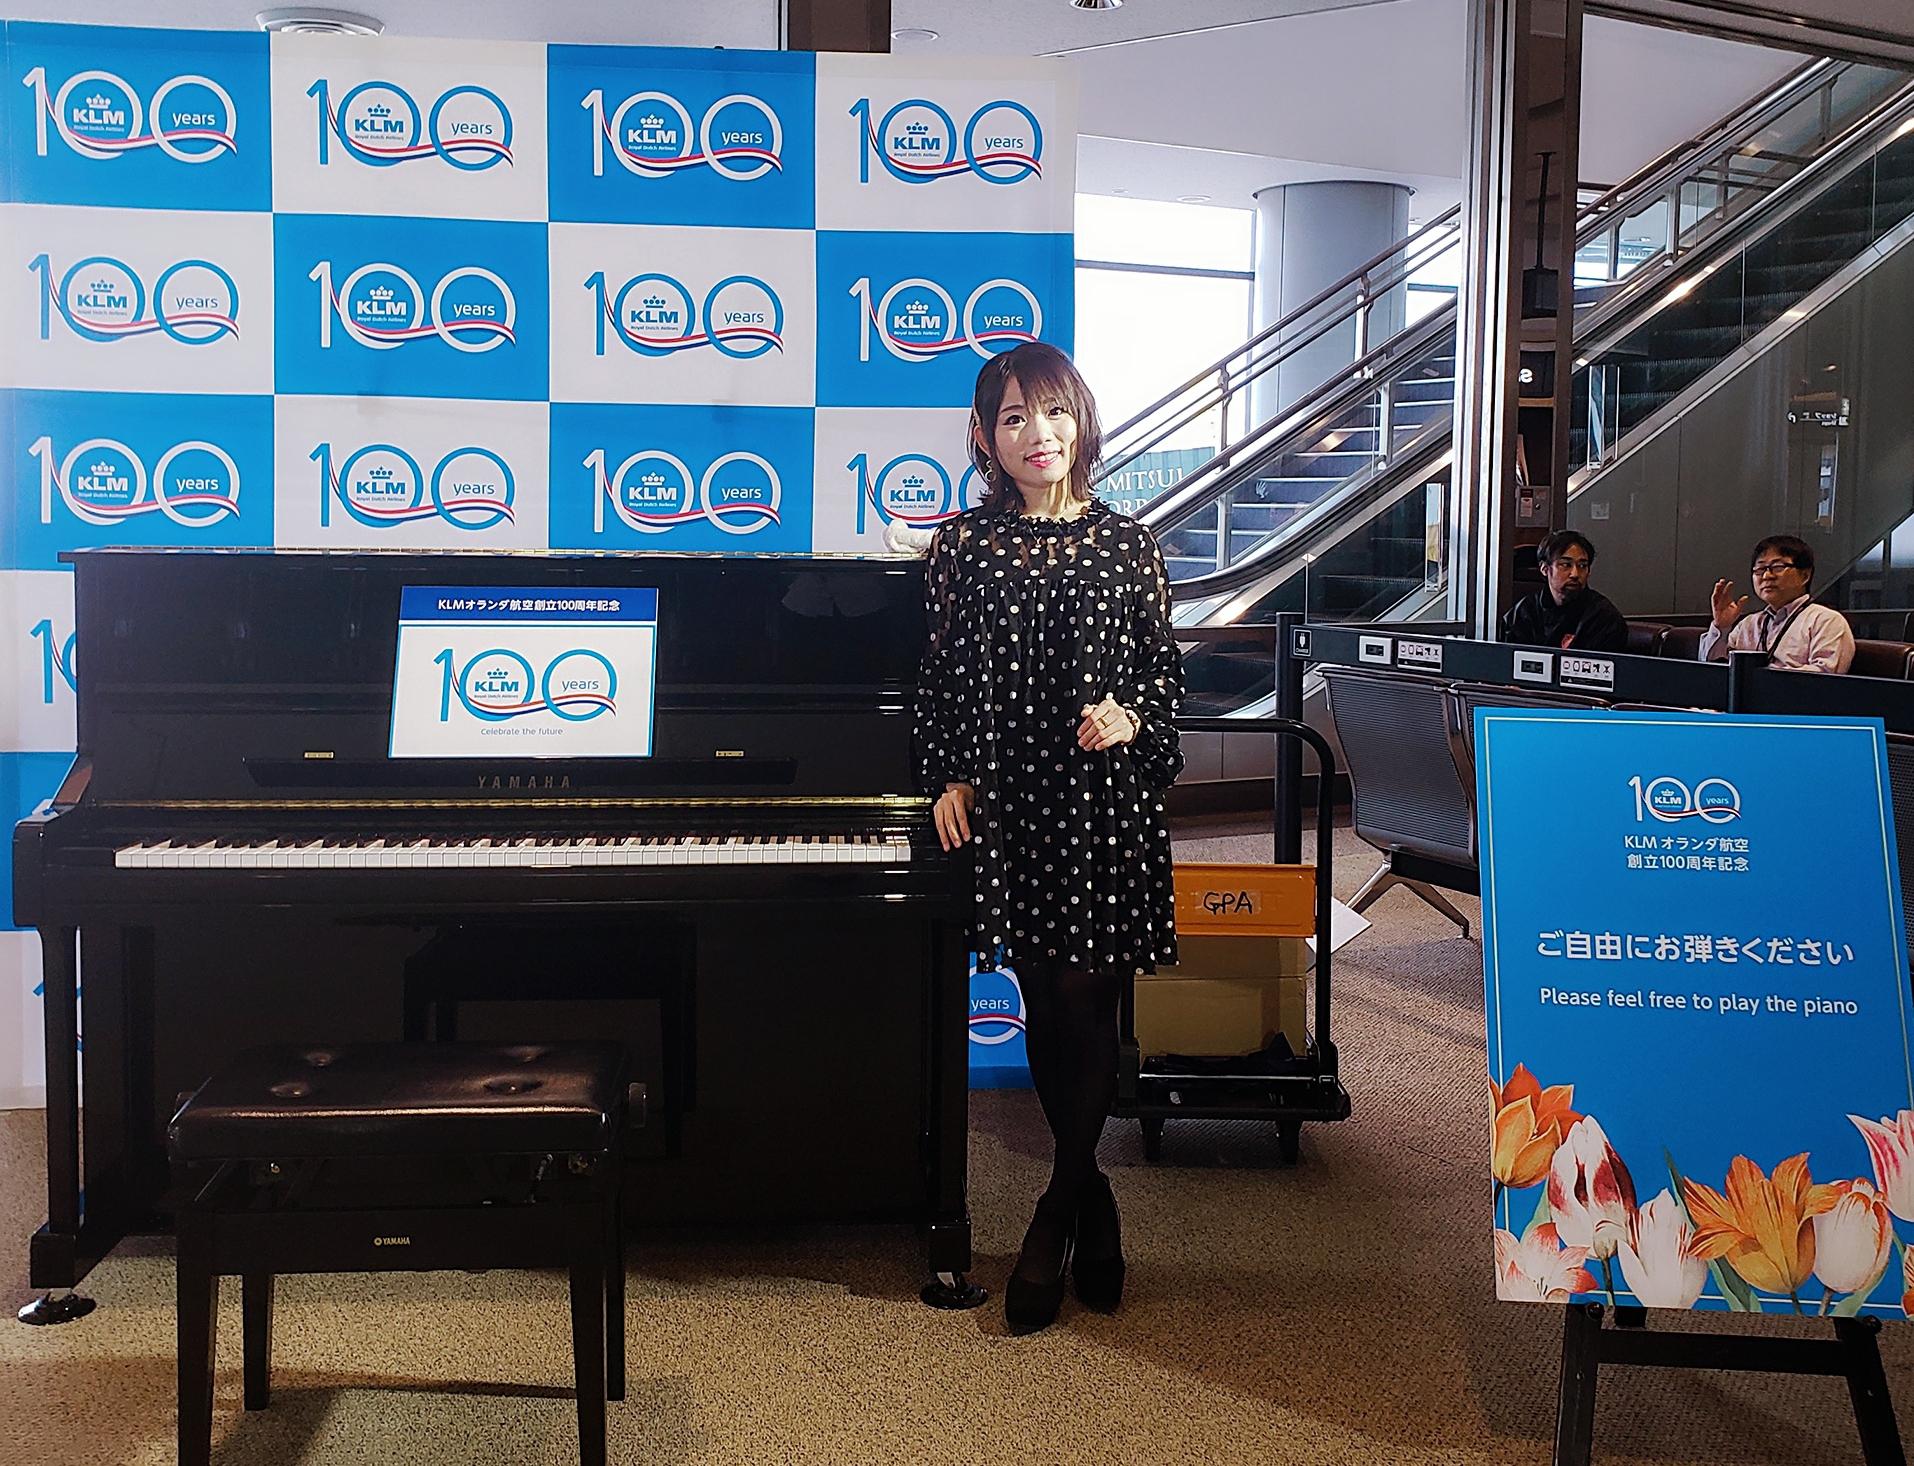 ピアノの脇に立っているピアニスト